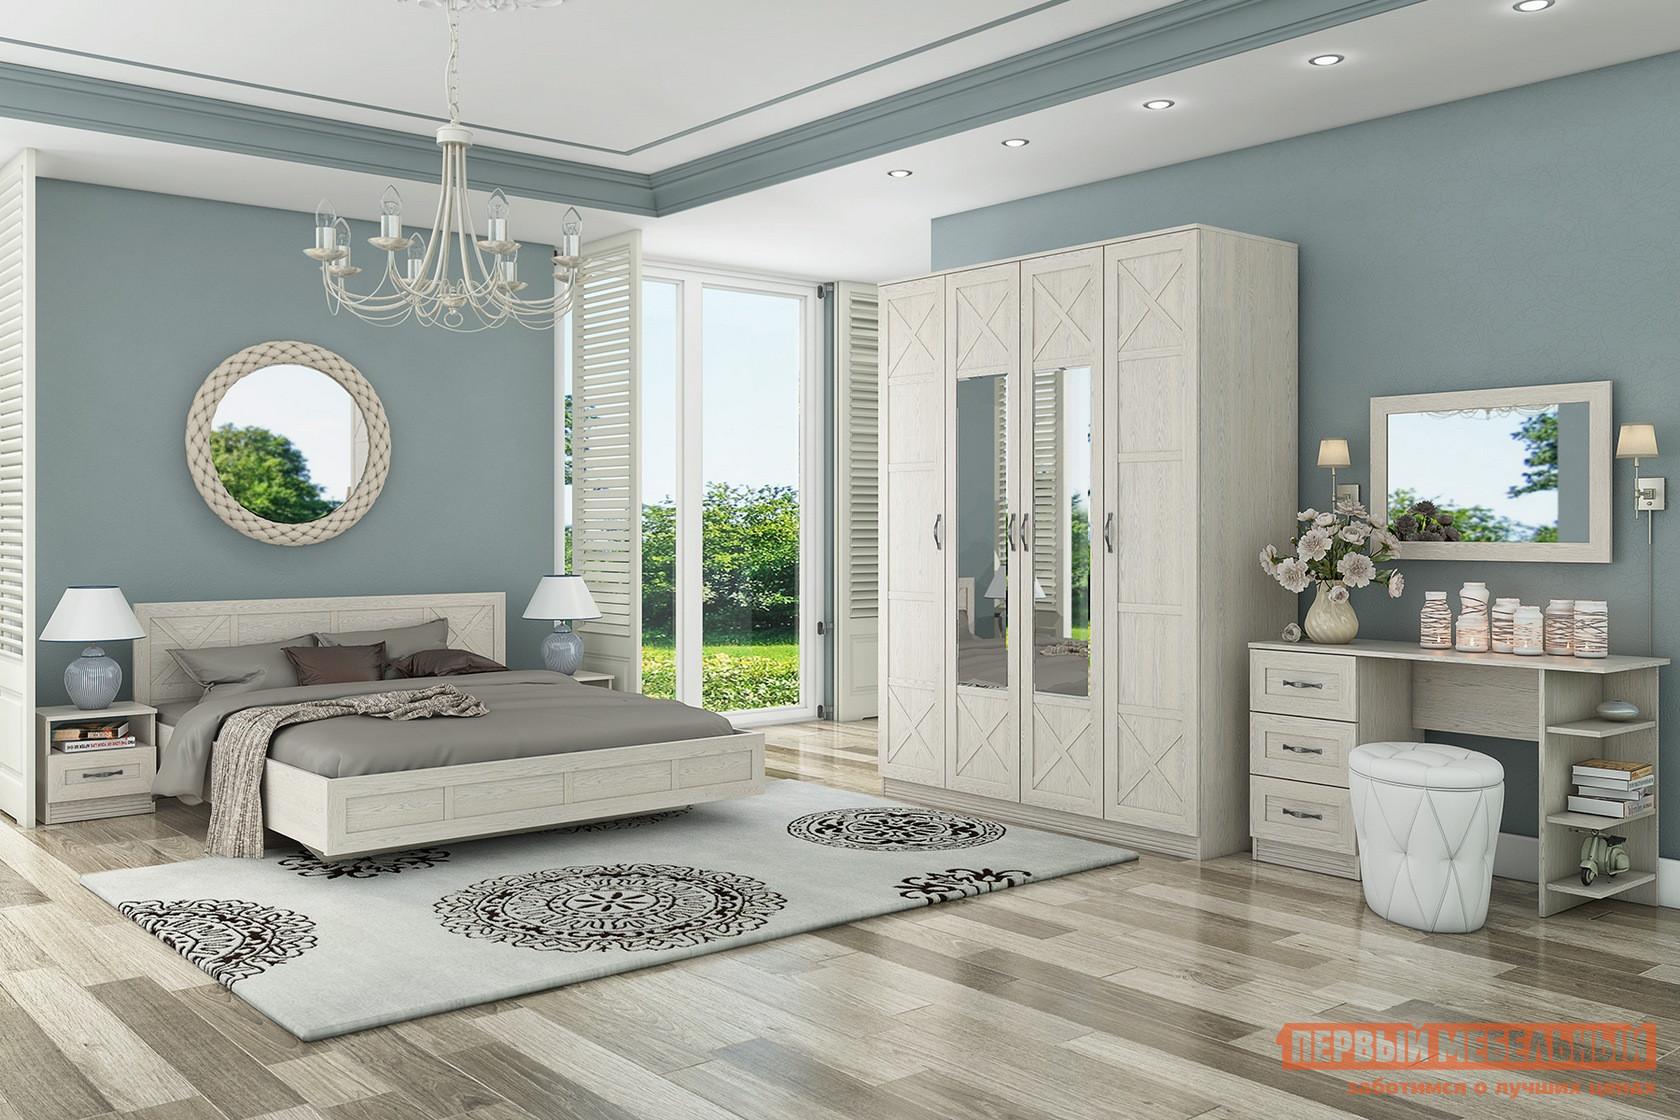 Спальный гарнитур СтолЛайн Лозанна К1 спальный гарнитур орматек этюд к1